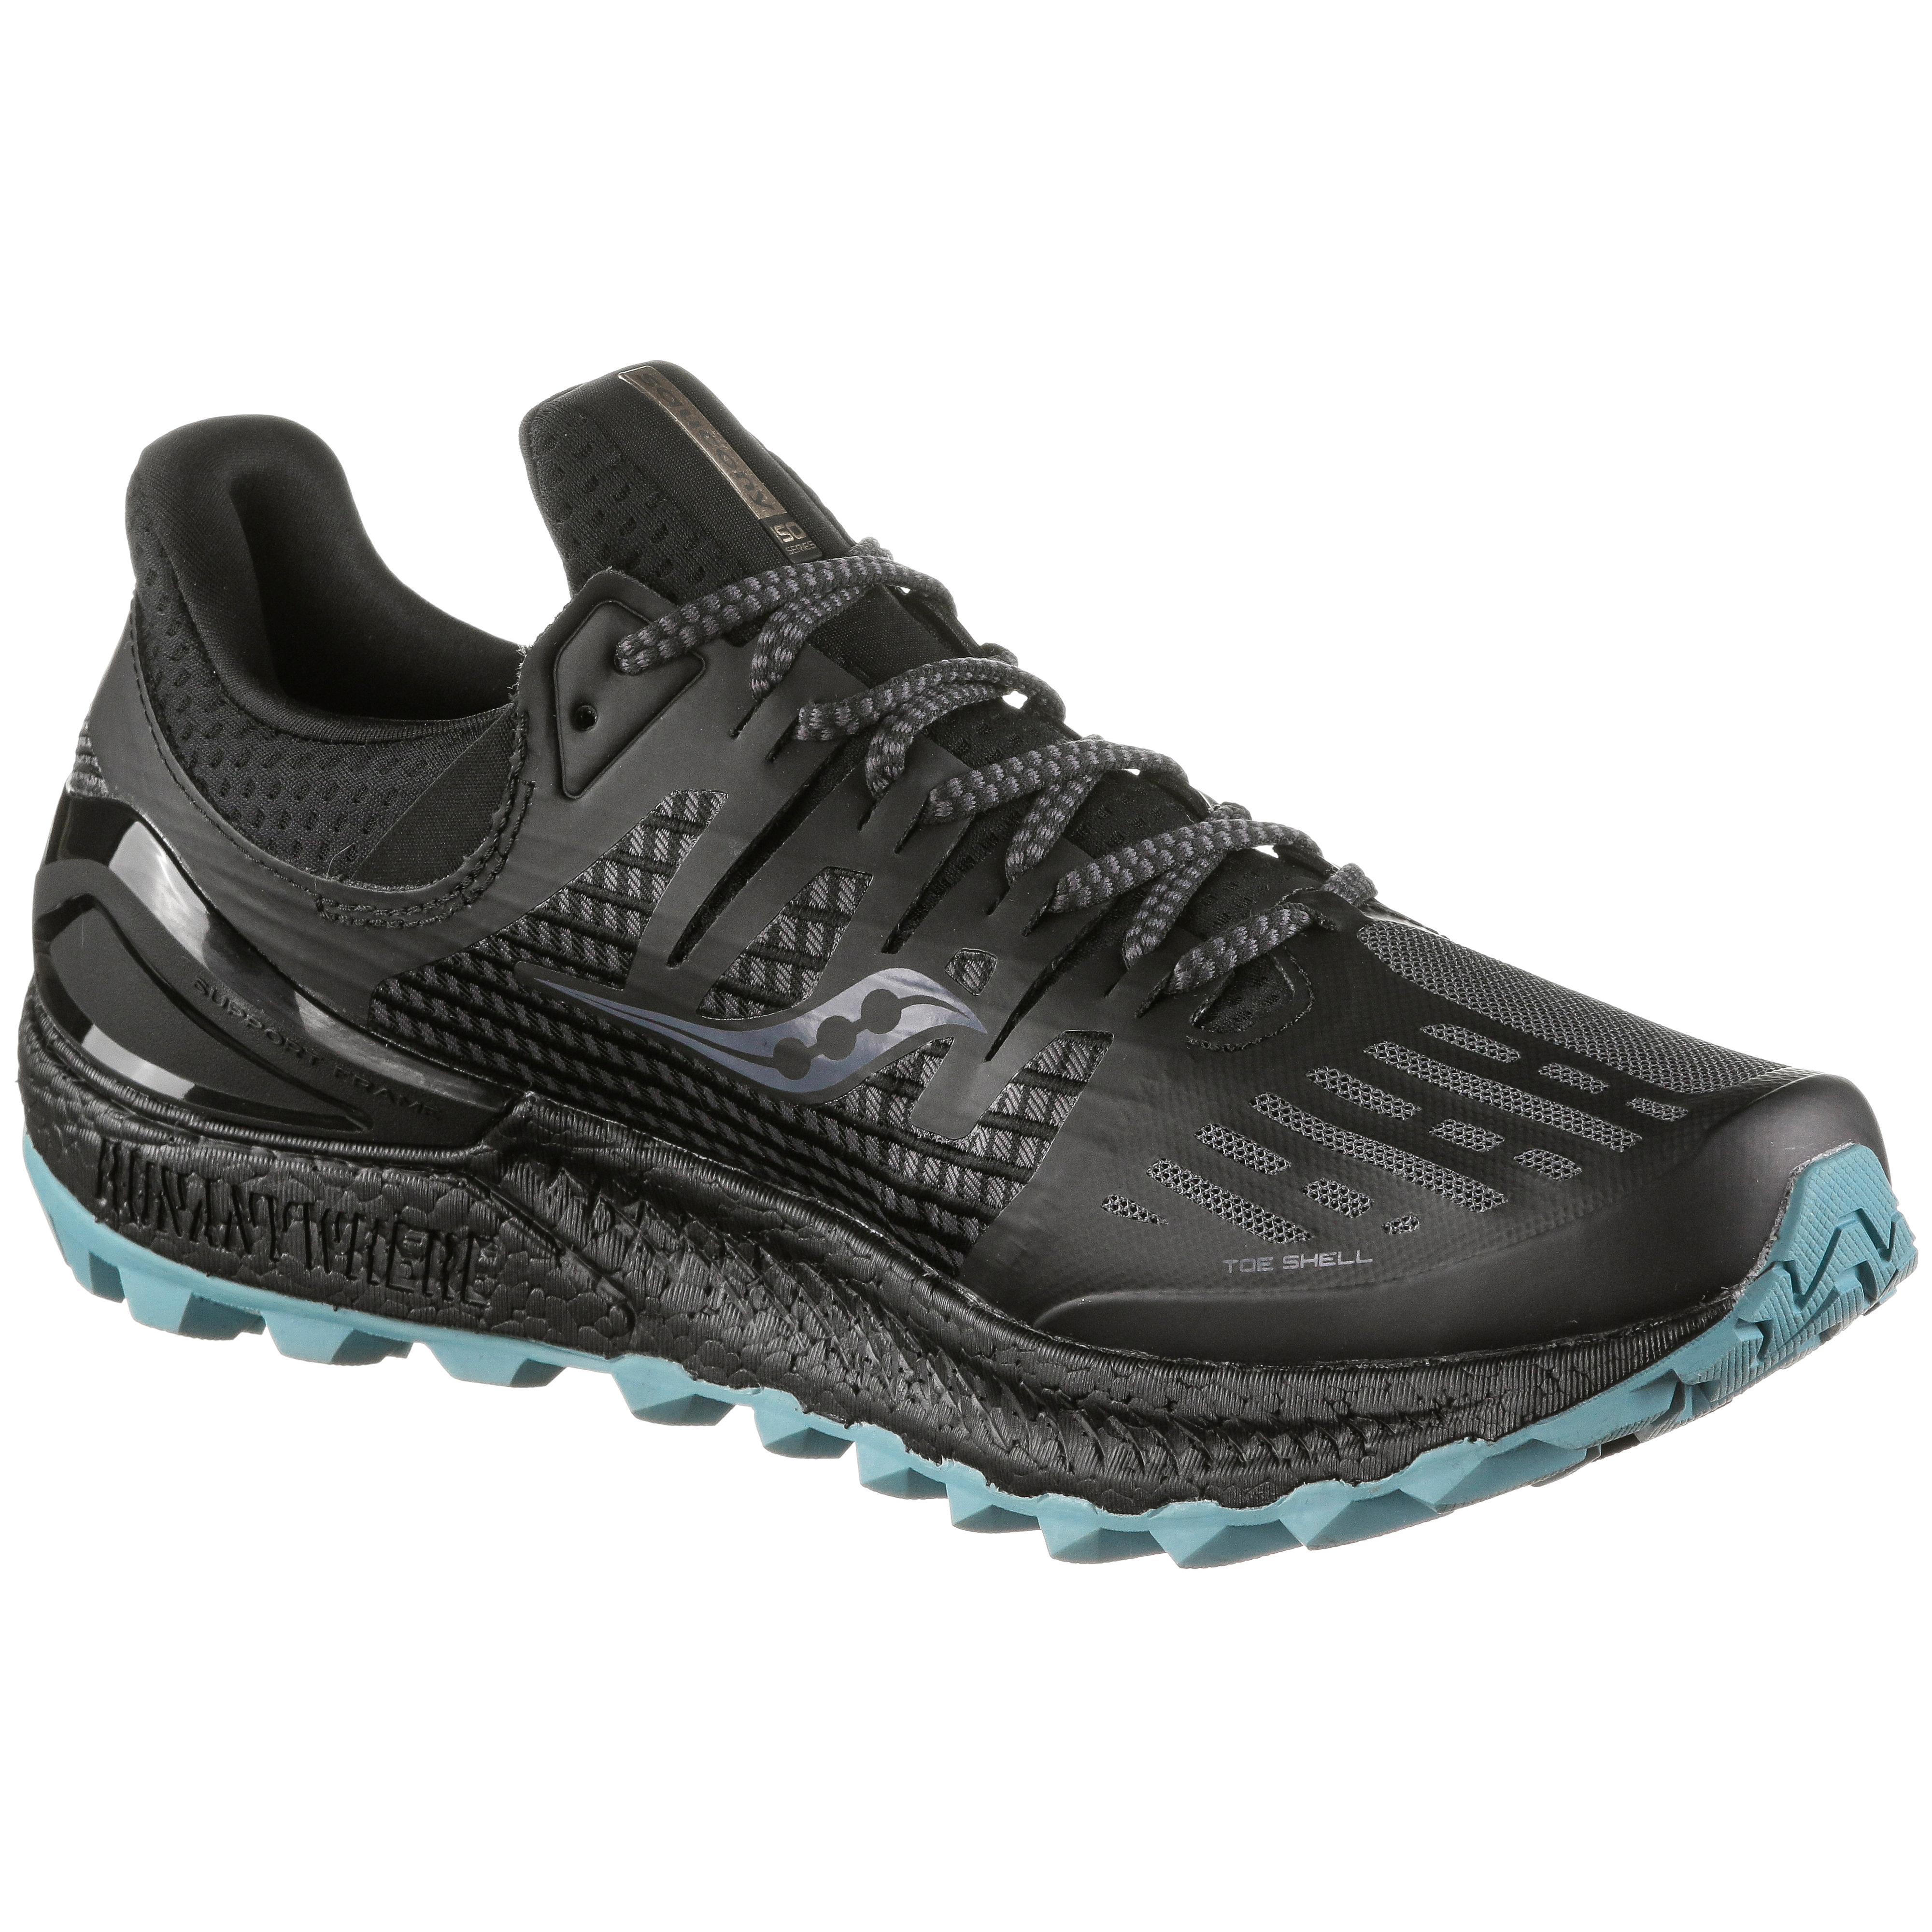 Saucony Xodus ISO3 Laufschuhe Herren grau-schwarz im Online Shop Shop Shop von SportScheck kaufen Gute Qualität beliebte Schuhe 44e09b